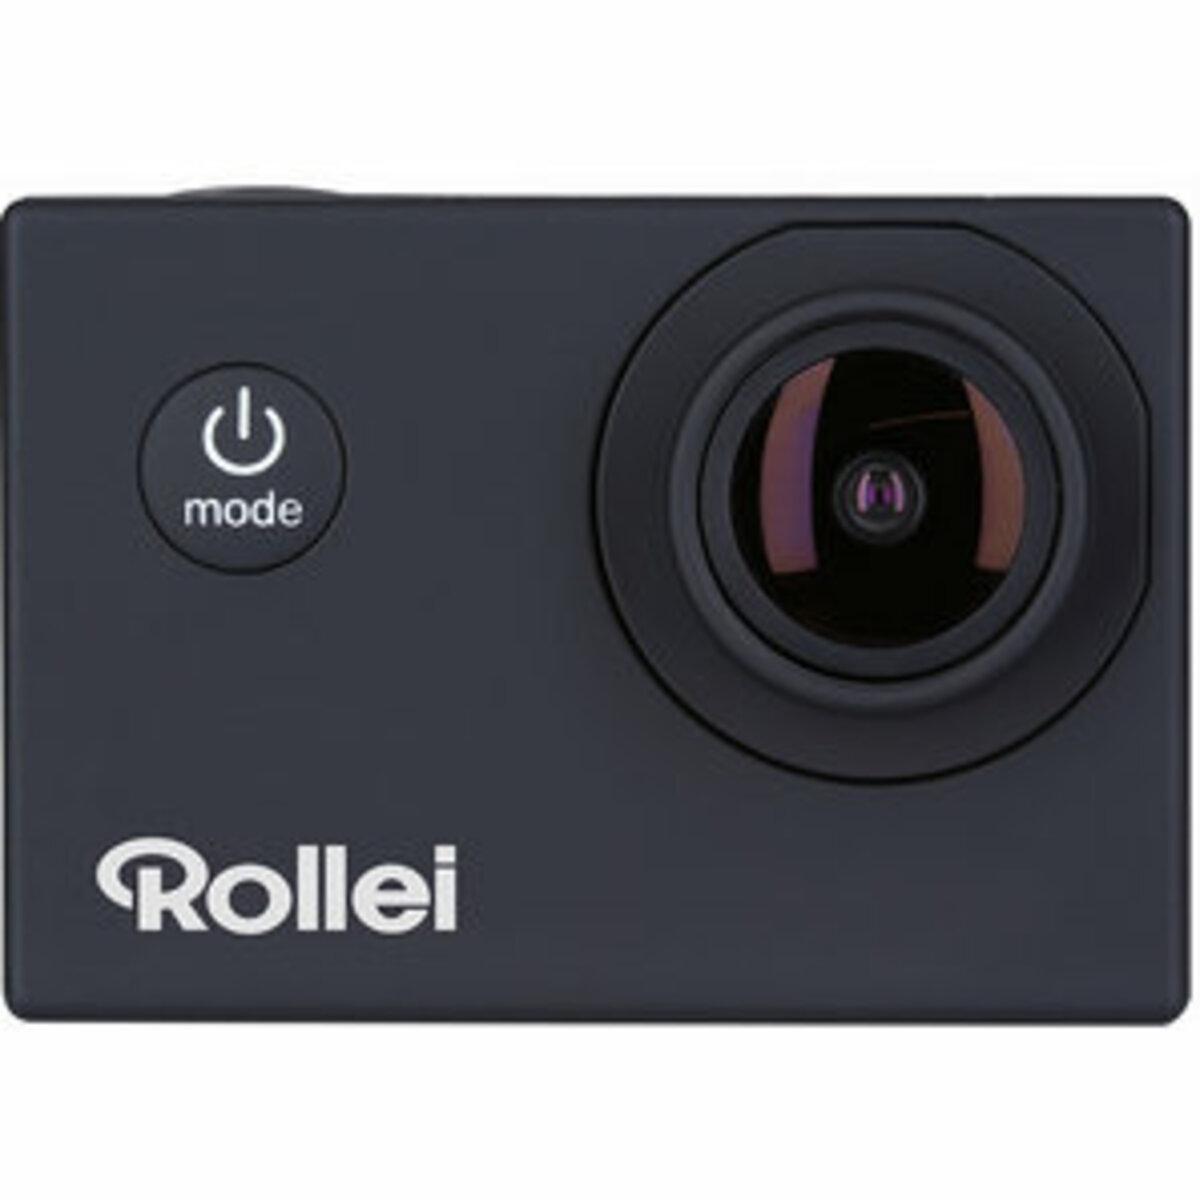 Bild 3 von Rollei Fun Actioncam        schwarz